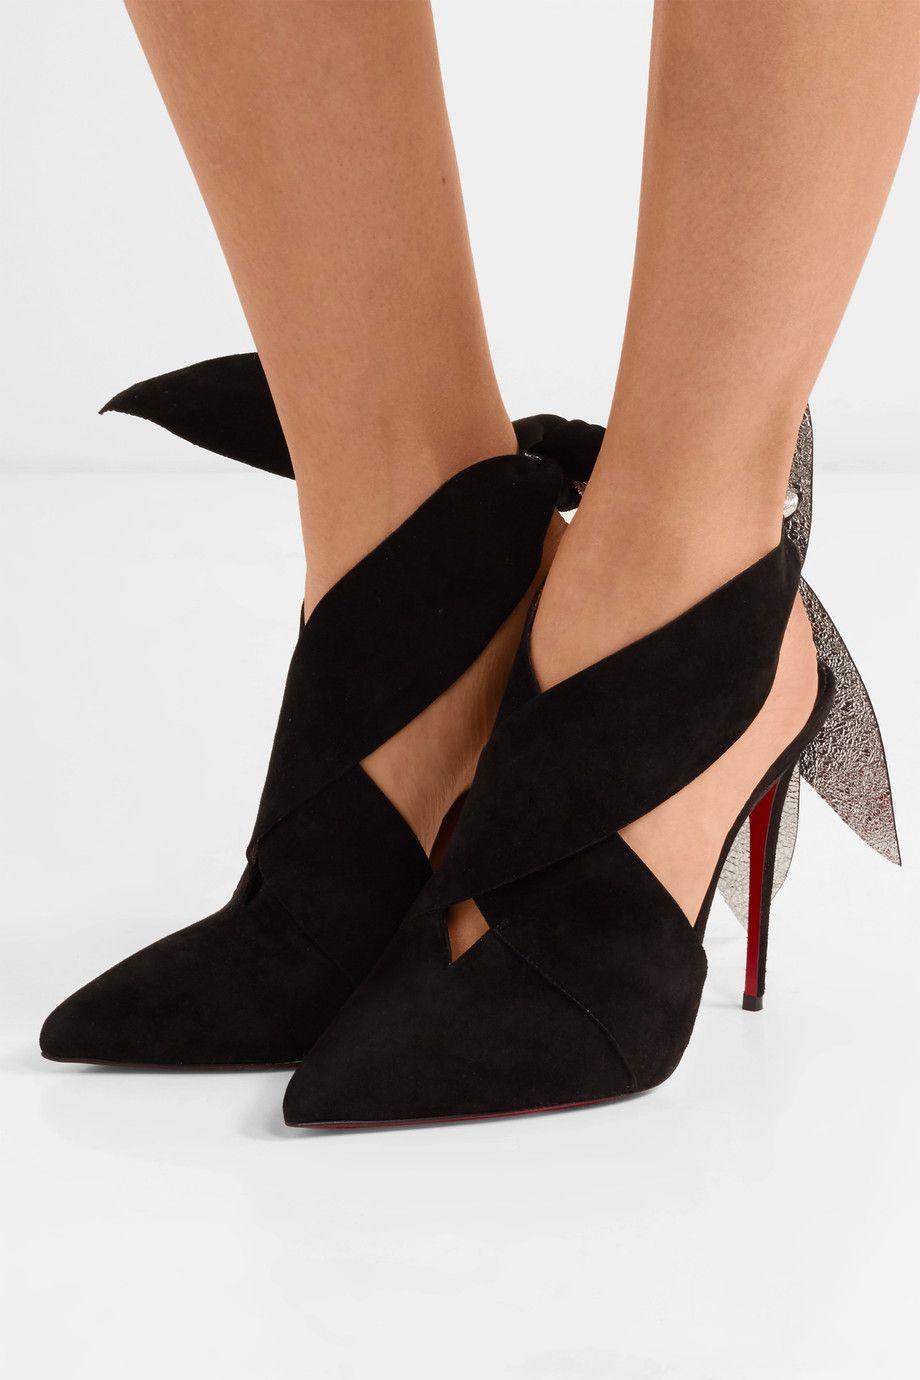 Top 10 najprodavanijih dizajnerskih cipela su - crne! Naravno!